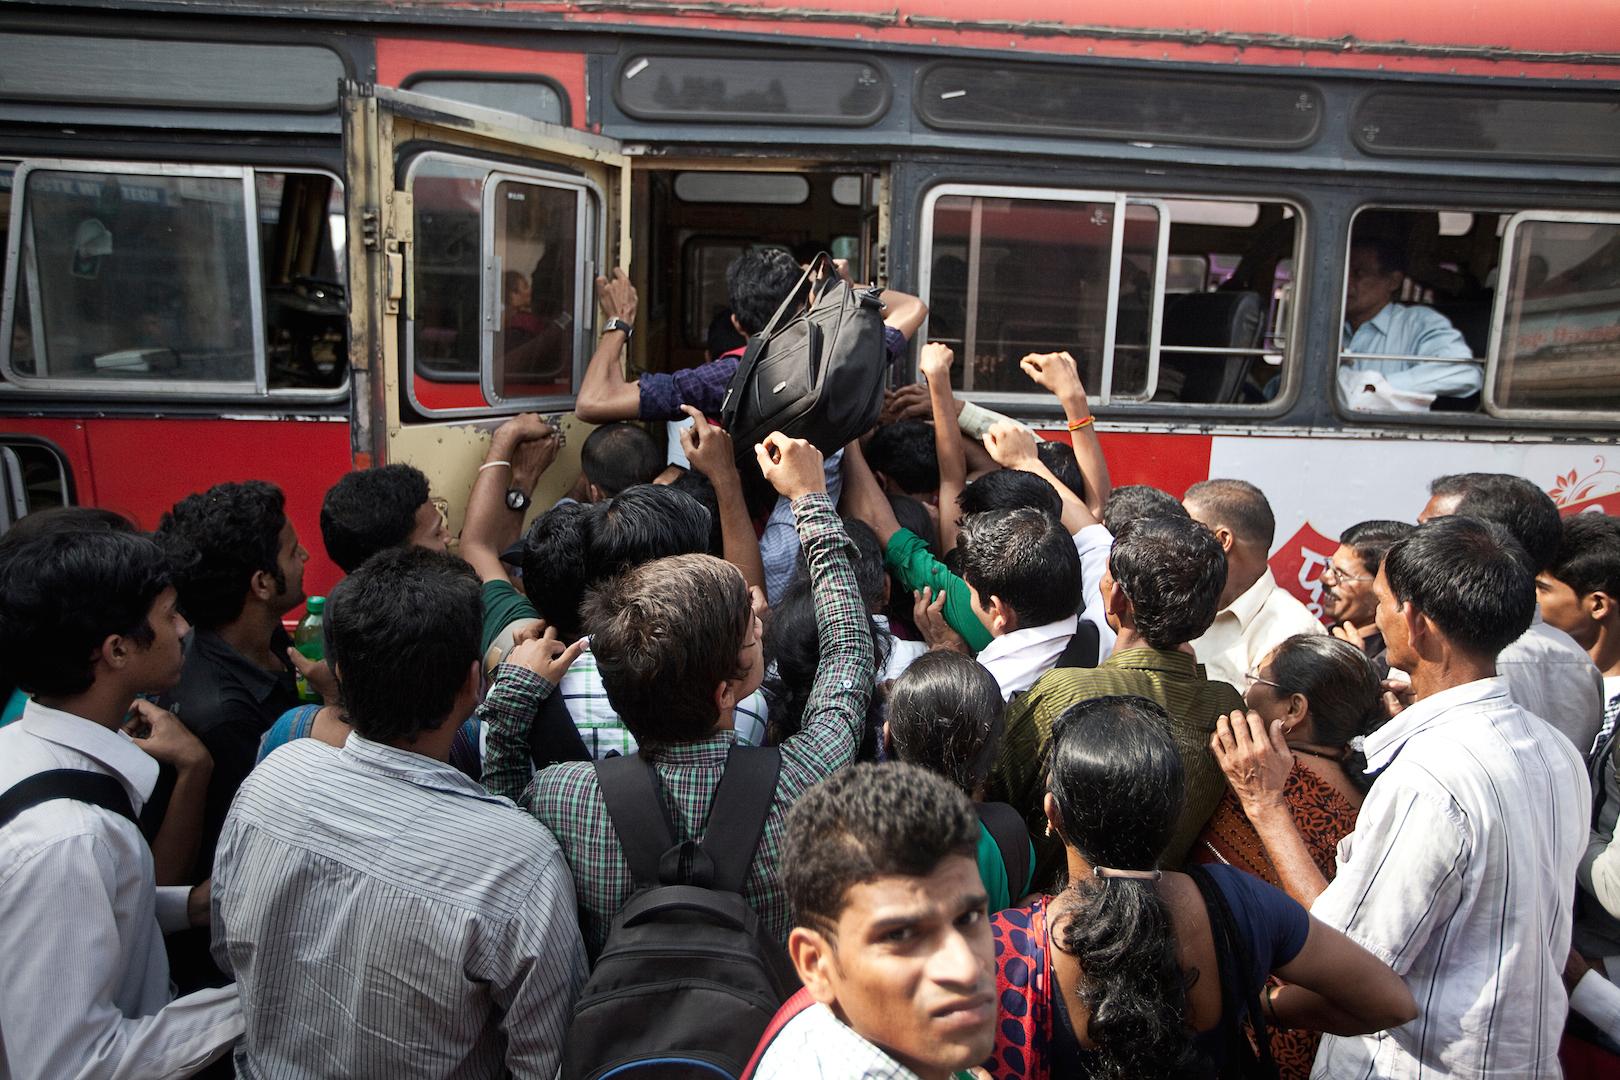 De 2014 à 2016, le photographe Ishan Tankha a documenté la piste du rail indien en s'embarquant sur la ligne ferroviaire qui relie Mumbai aux régions côtières du Konkan. (Copyright : Ishan Tankha/Forum Vies Mobiles)